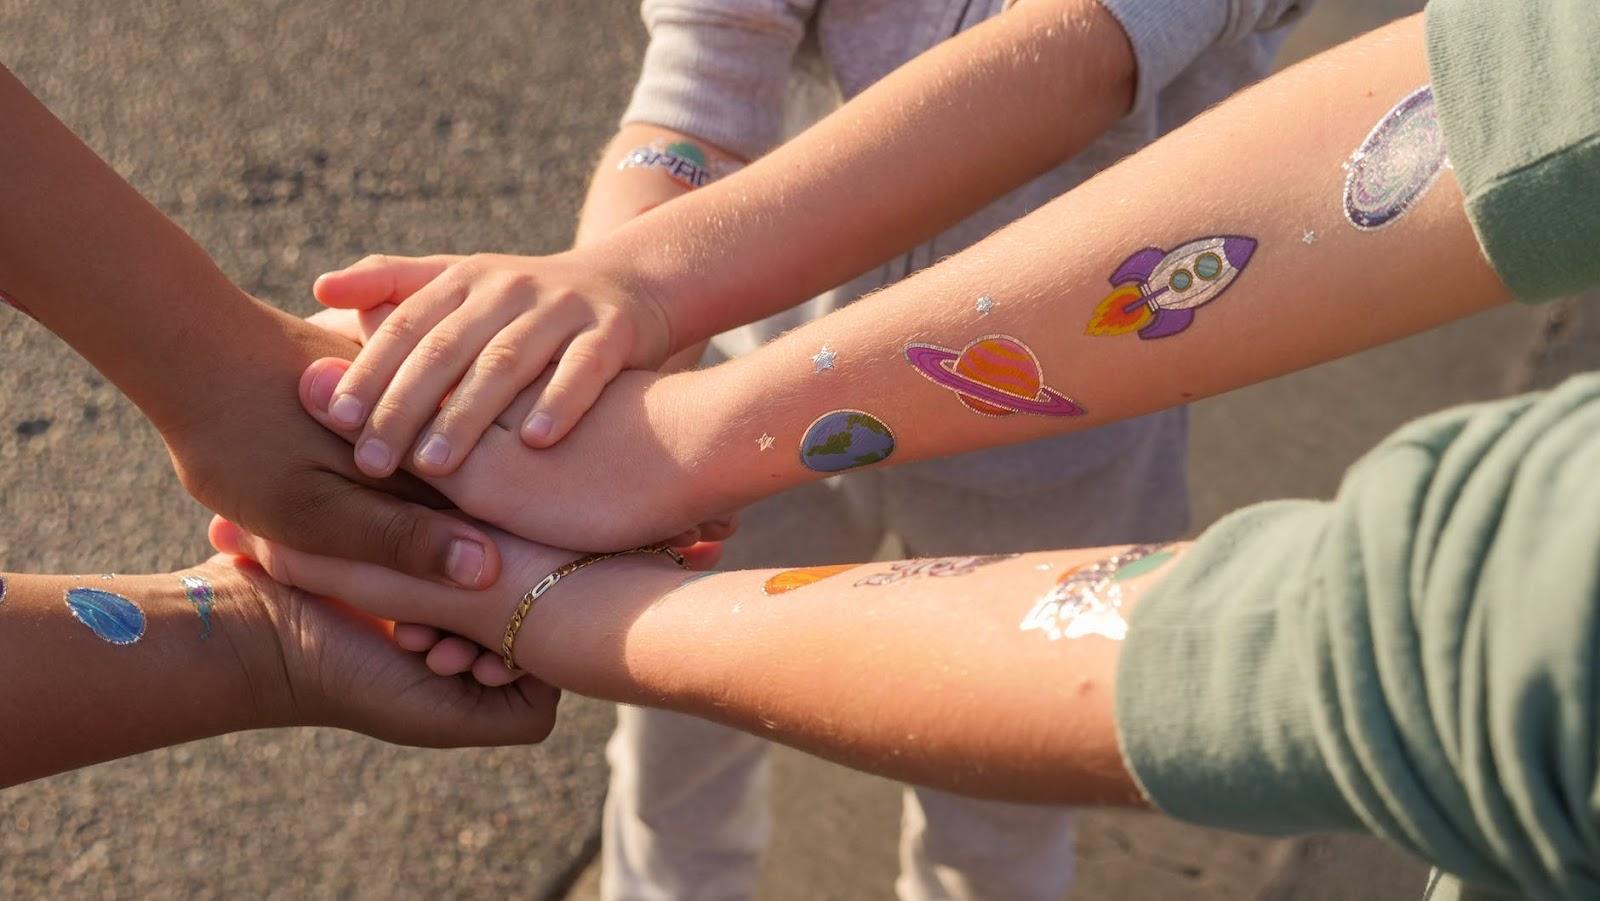 Kokie žaidimai gali padėti lavinti vaiko smulkiąją motoriką?